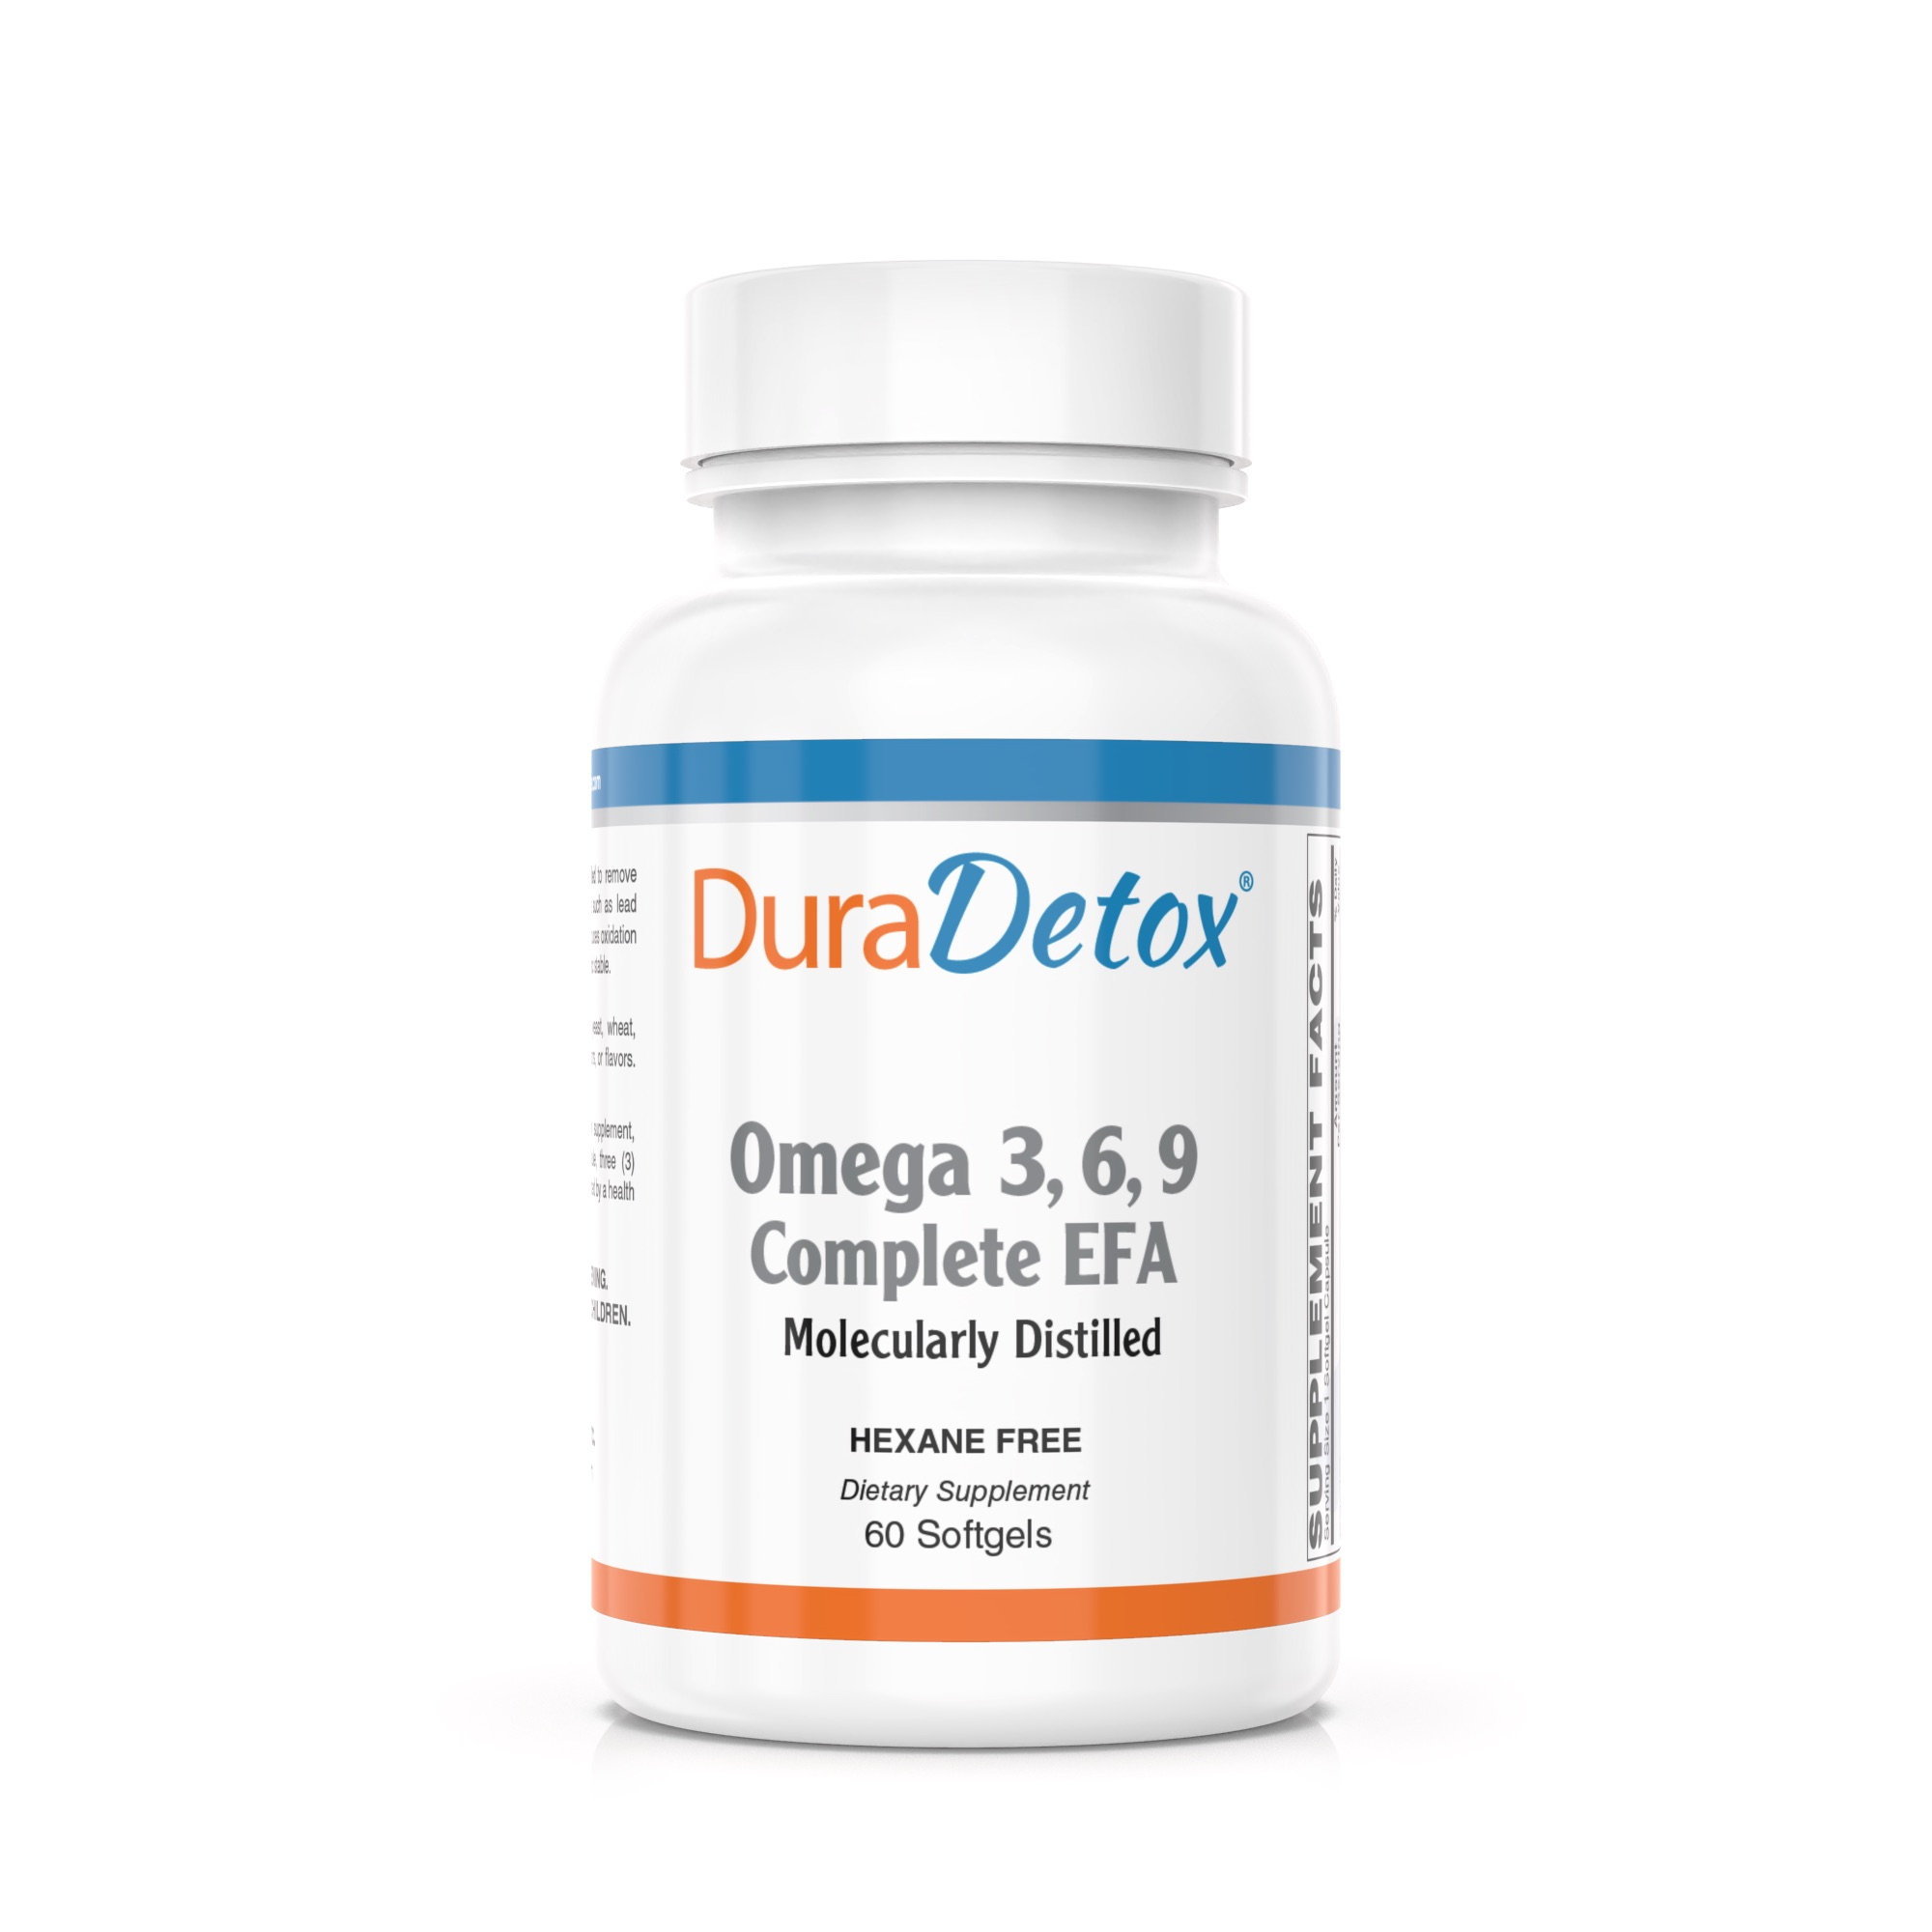 duradetox-omega369-1.jpg